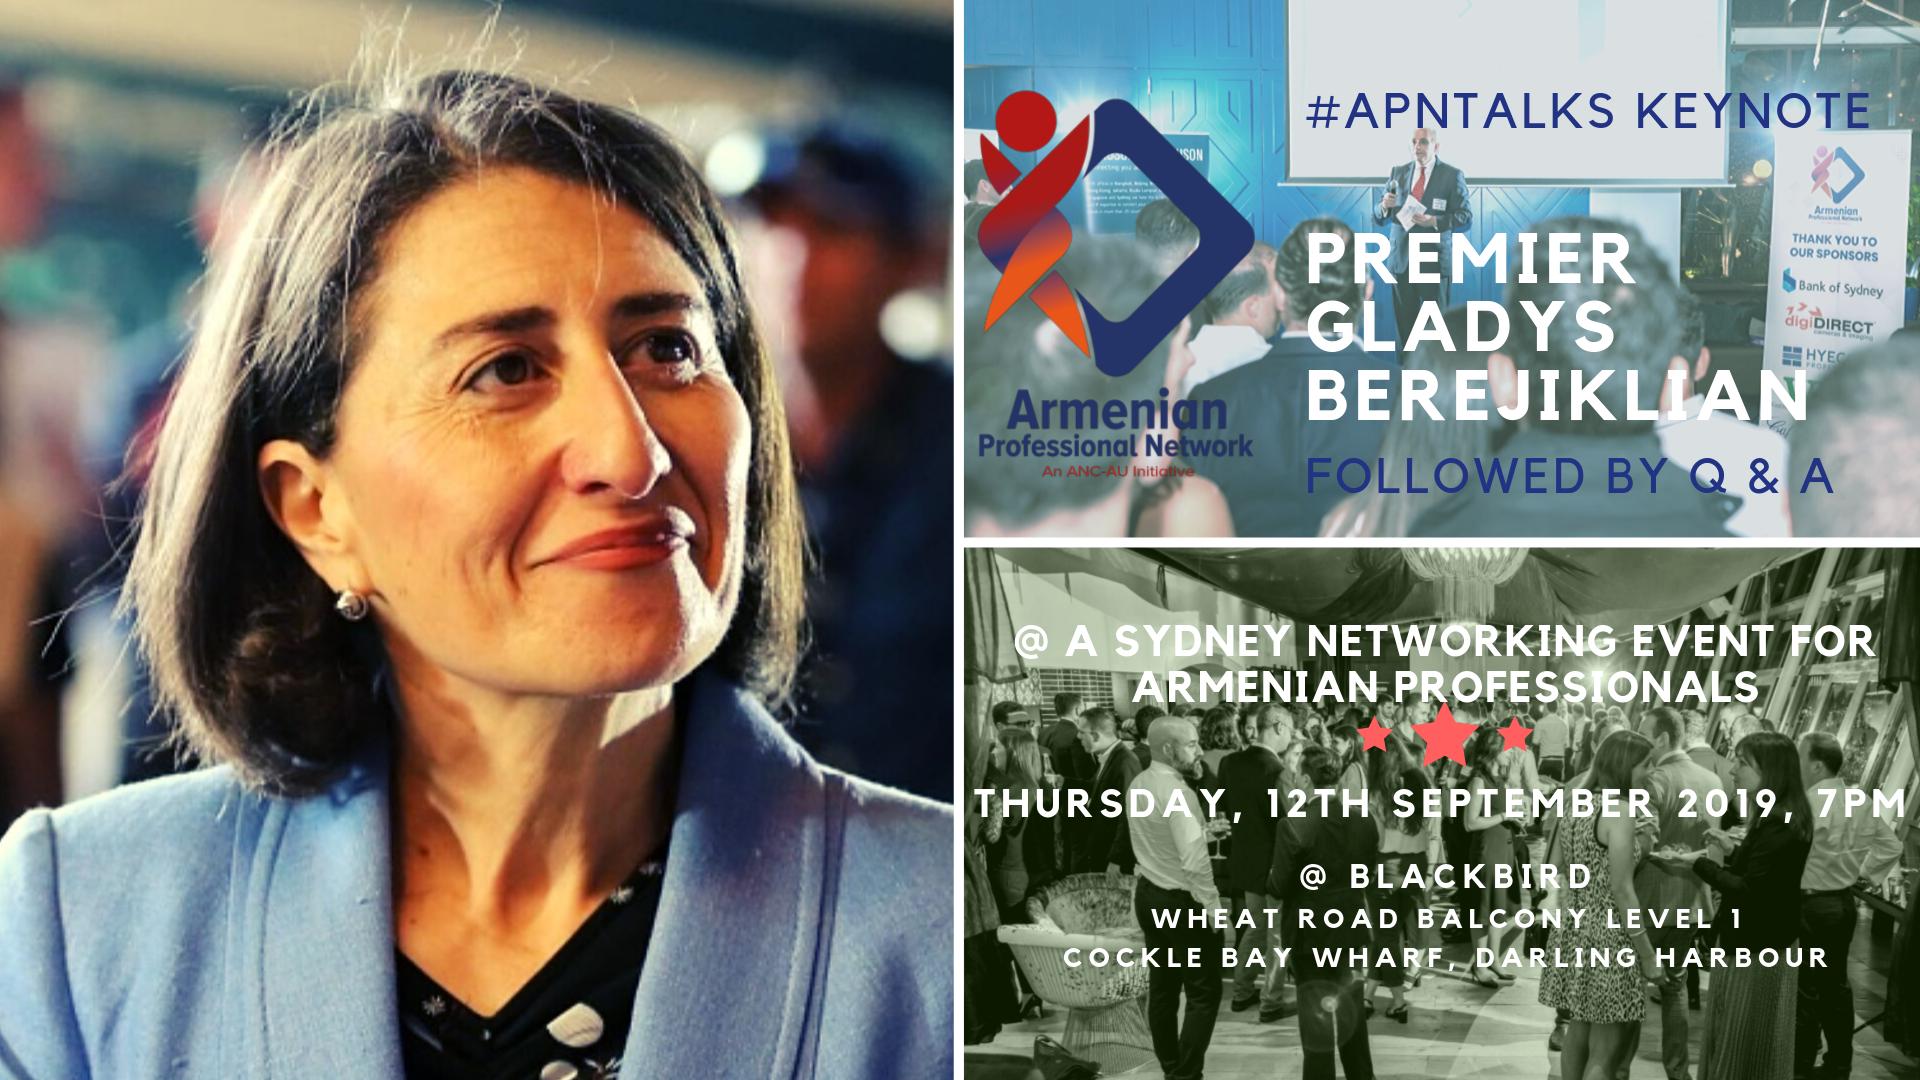 Premier Gladys Berejiklian to Keynote Sydney Networking